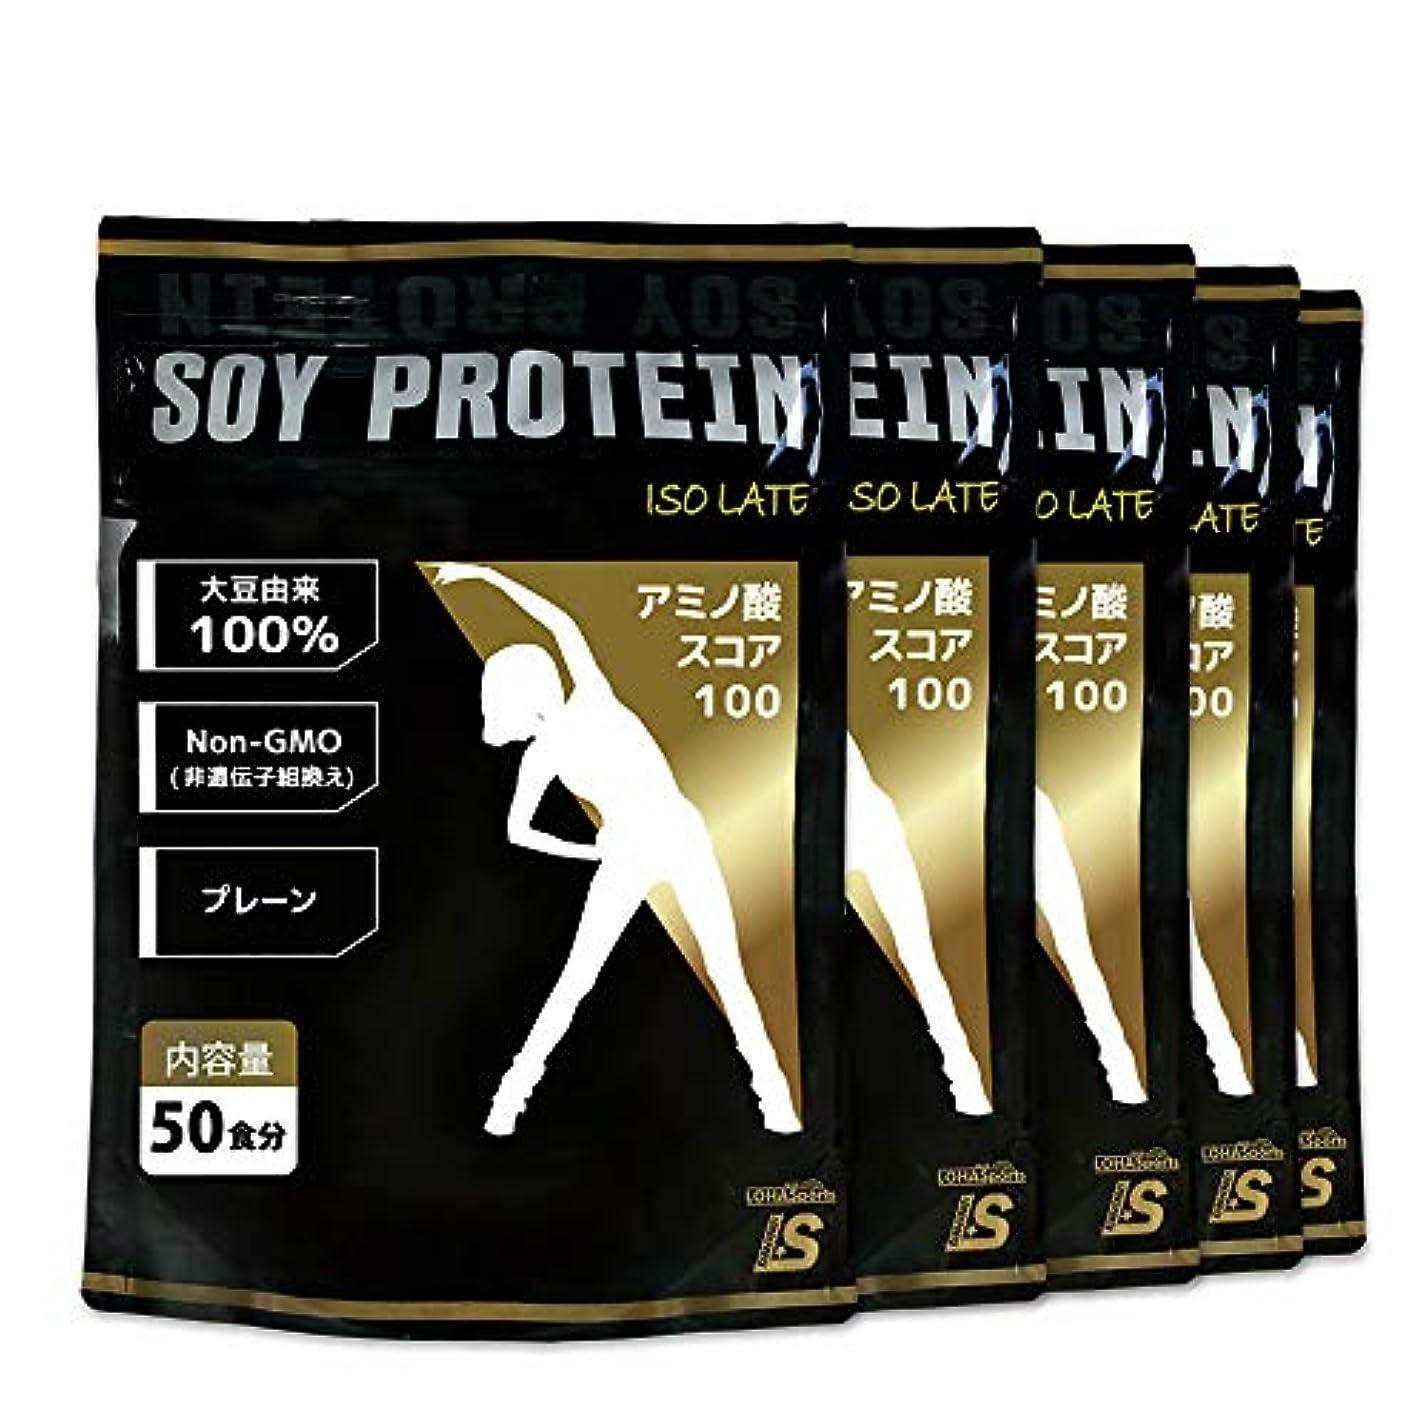 変換する変数鷲LOHAStyle ソイプロテイン 大豆プロテイン 無添加 ((5kg(1kg×5袋)) 約250食分) アミノ酸スコア100 [非遺伝子組み換え]